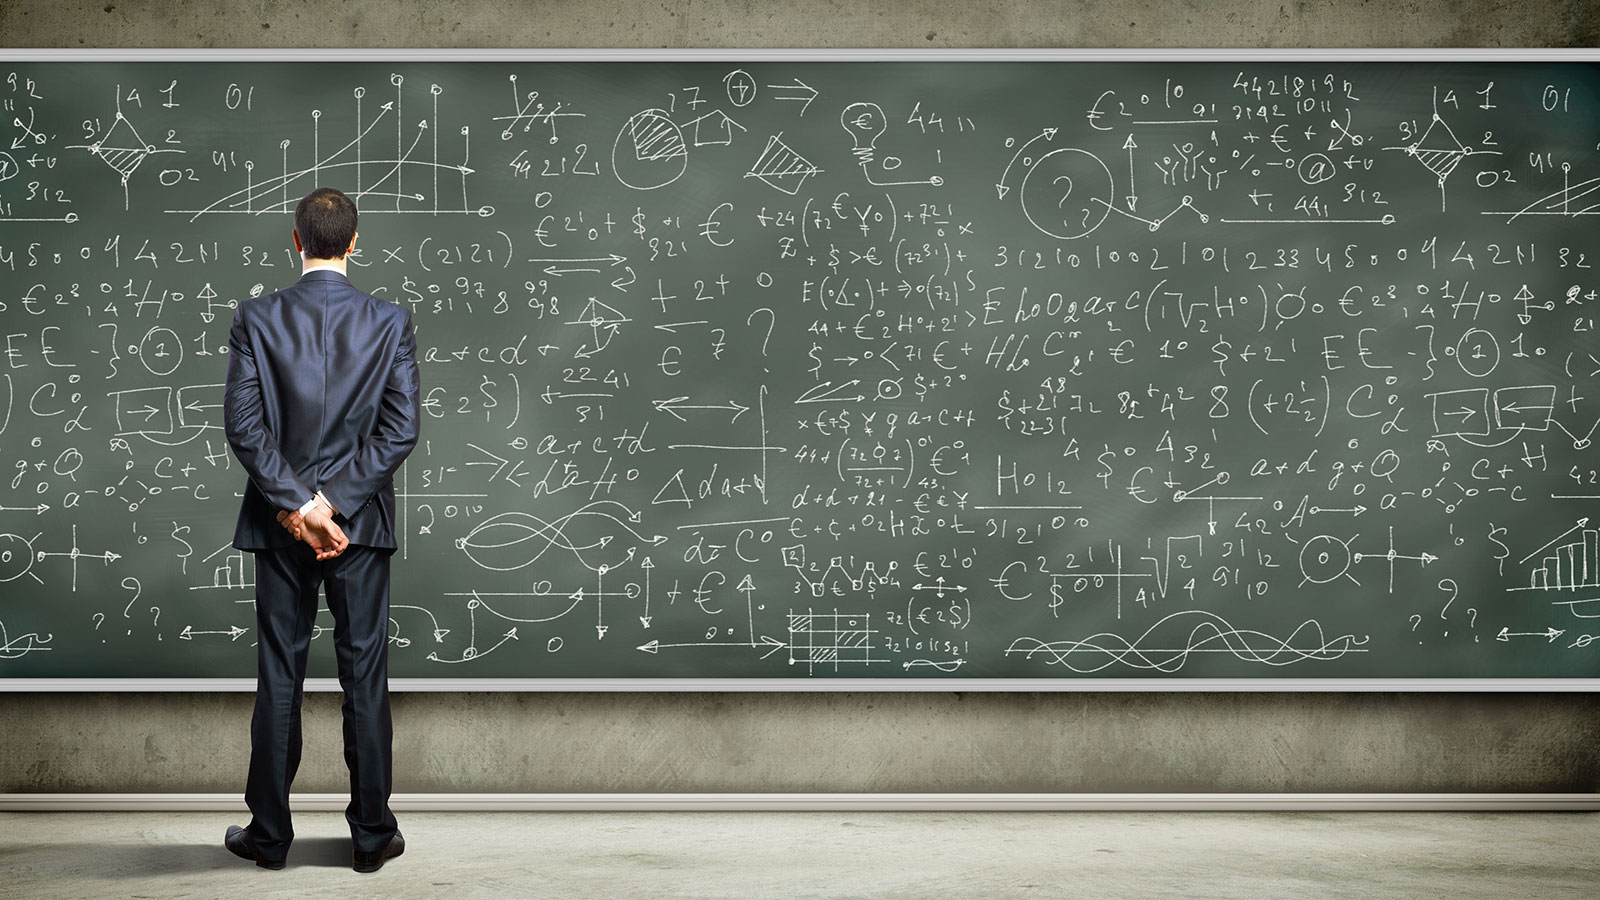 min in front of blackboard